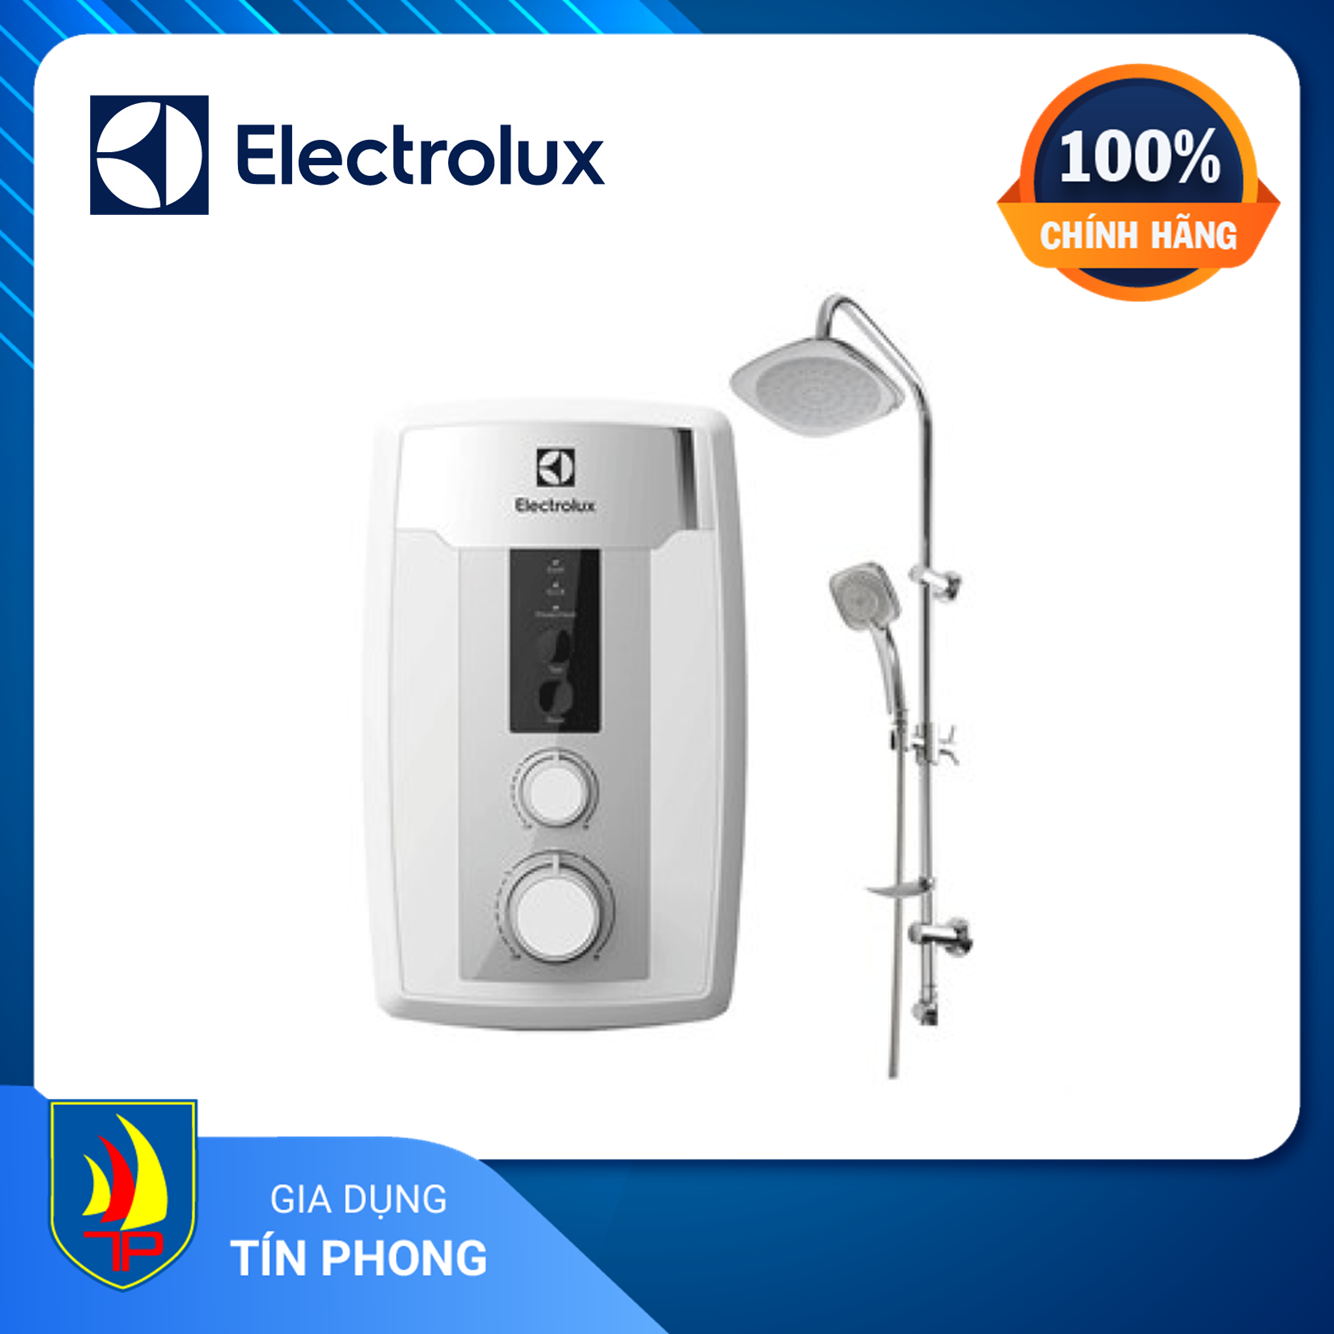 Bảng giá MÁY NƯỚC NÓNG ELECTROLUX EWE351HB-DWS2 Điện máy Pico